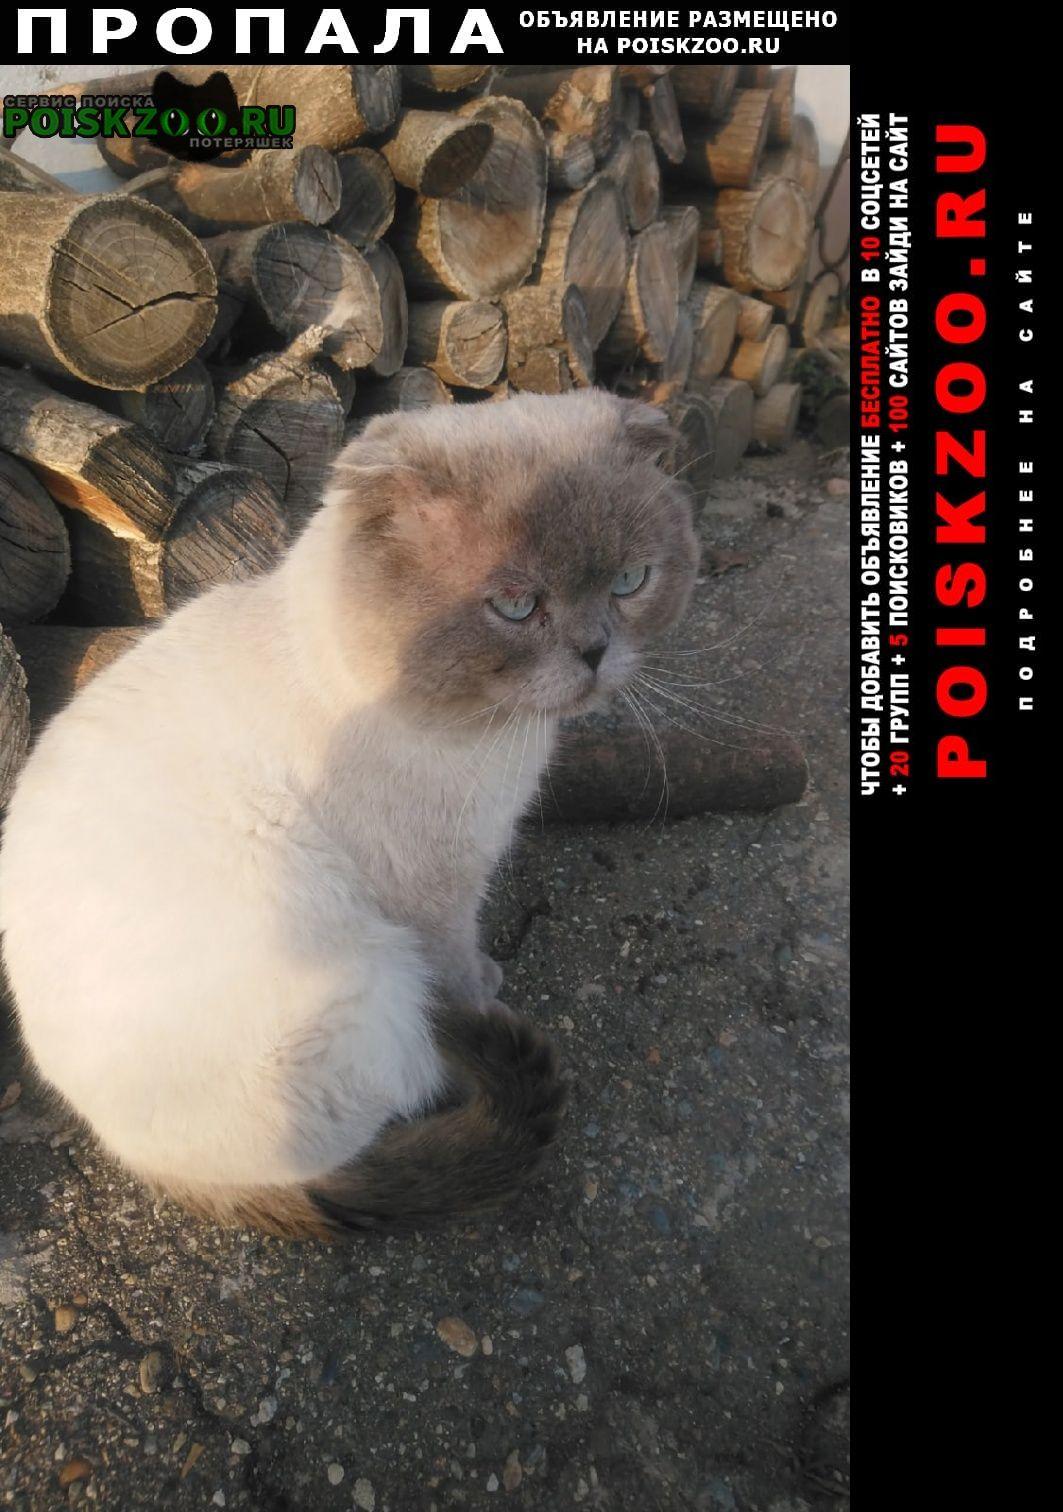 Майкоп (Адыгея) Пропал кот